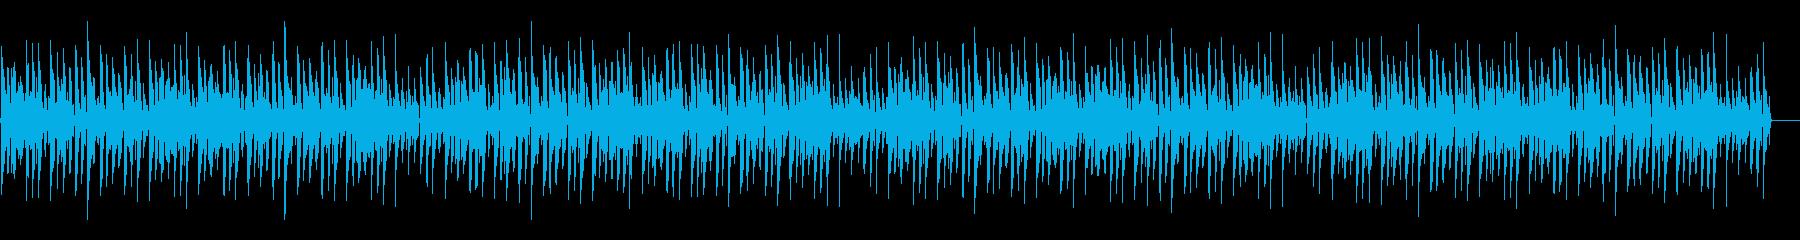 ほのぼの脱力系「大きな栗の木の下で」の再生済みの波形